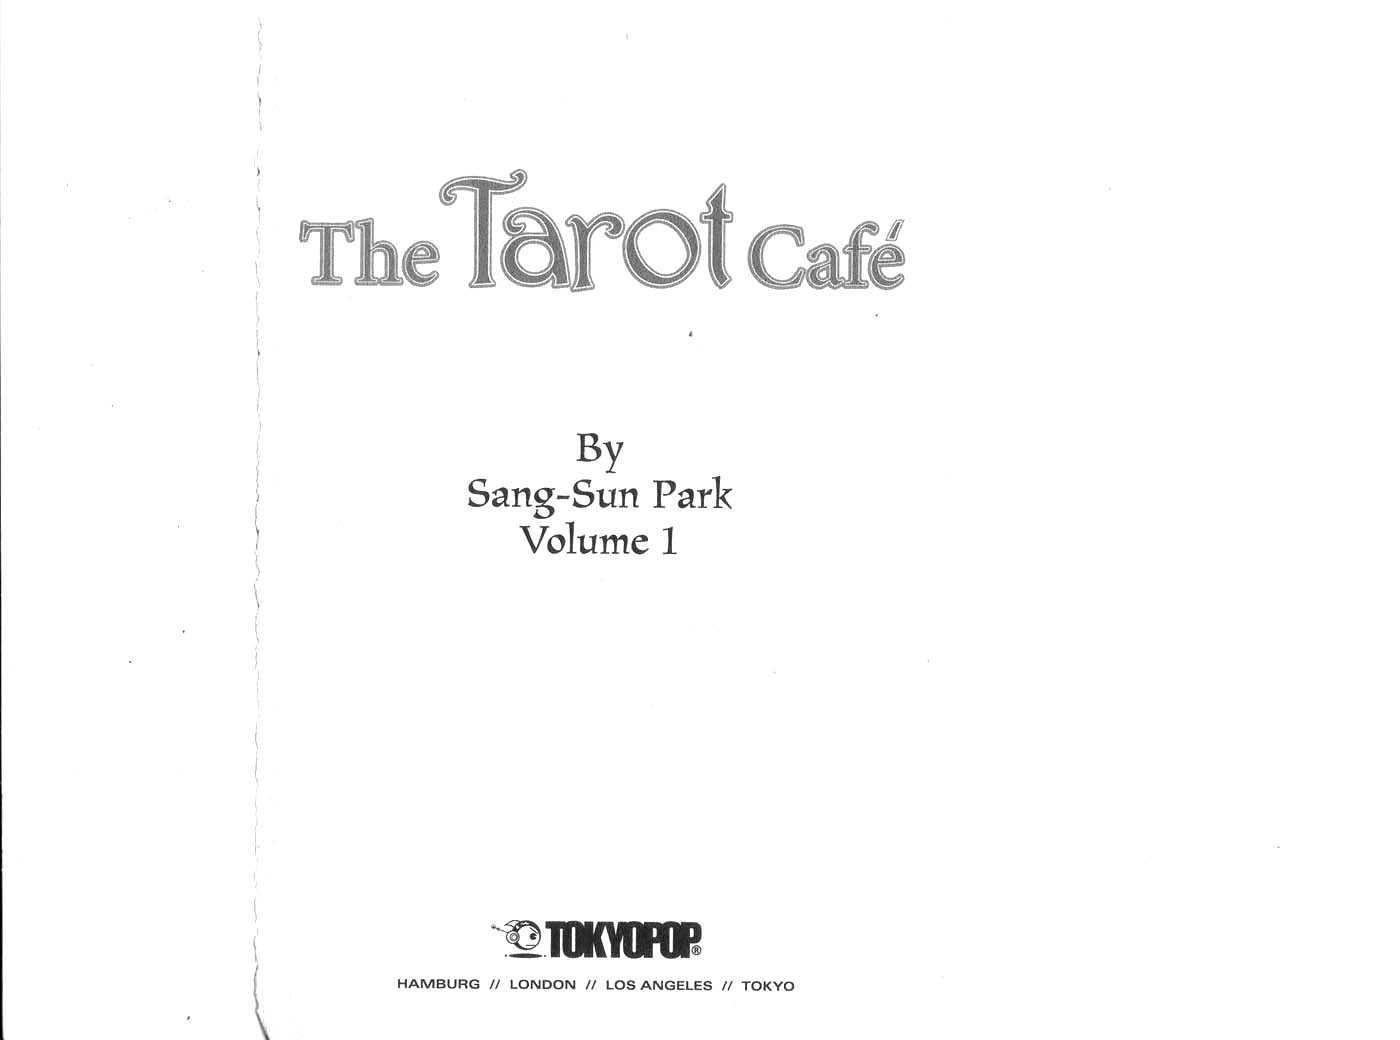 The Tarot Cafe 0 at MangaFox.la